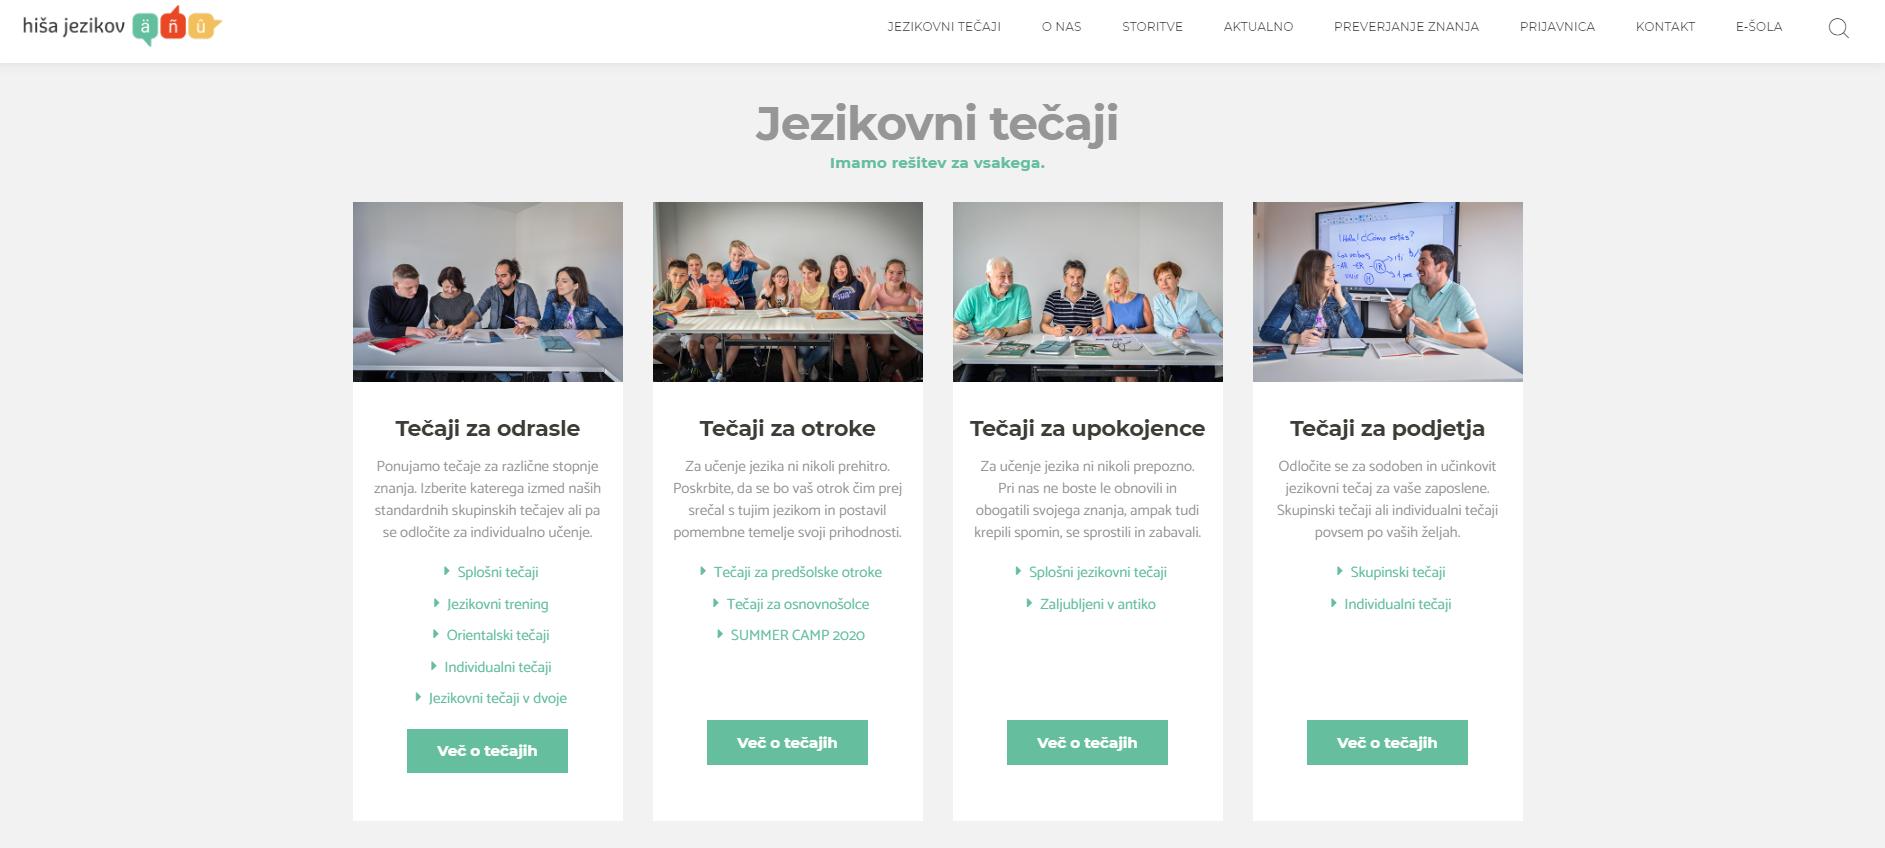 Hiša jezikov - spletna stran jezikovni tečaji